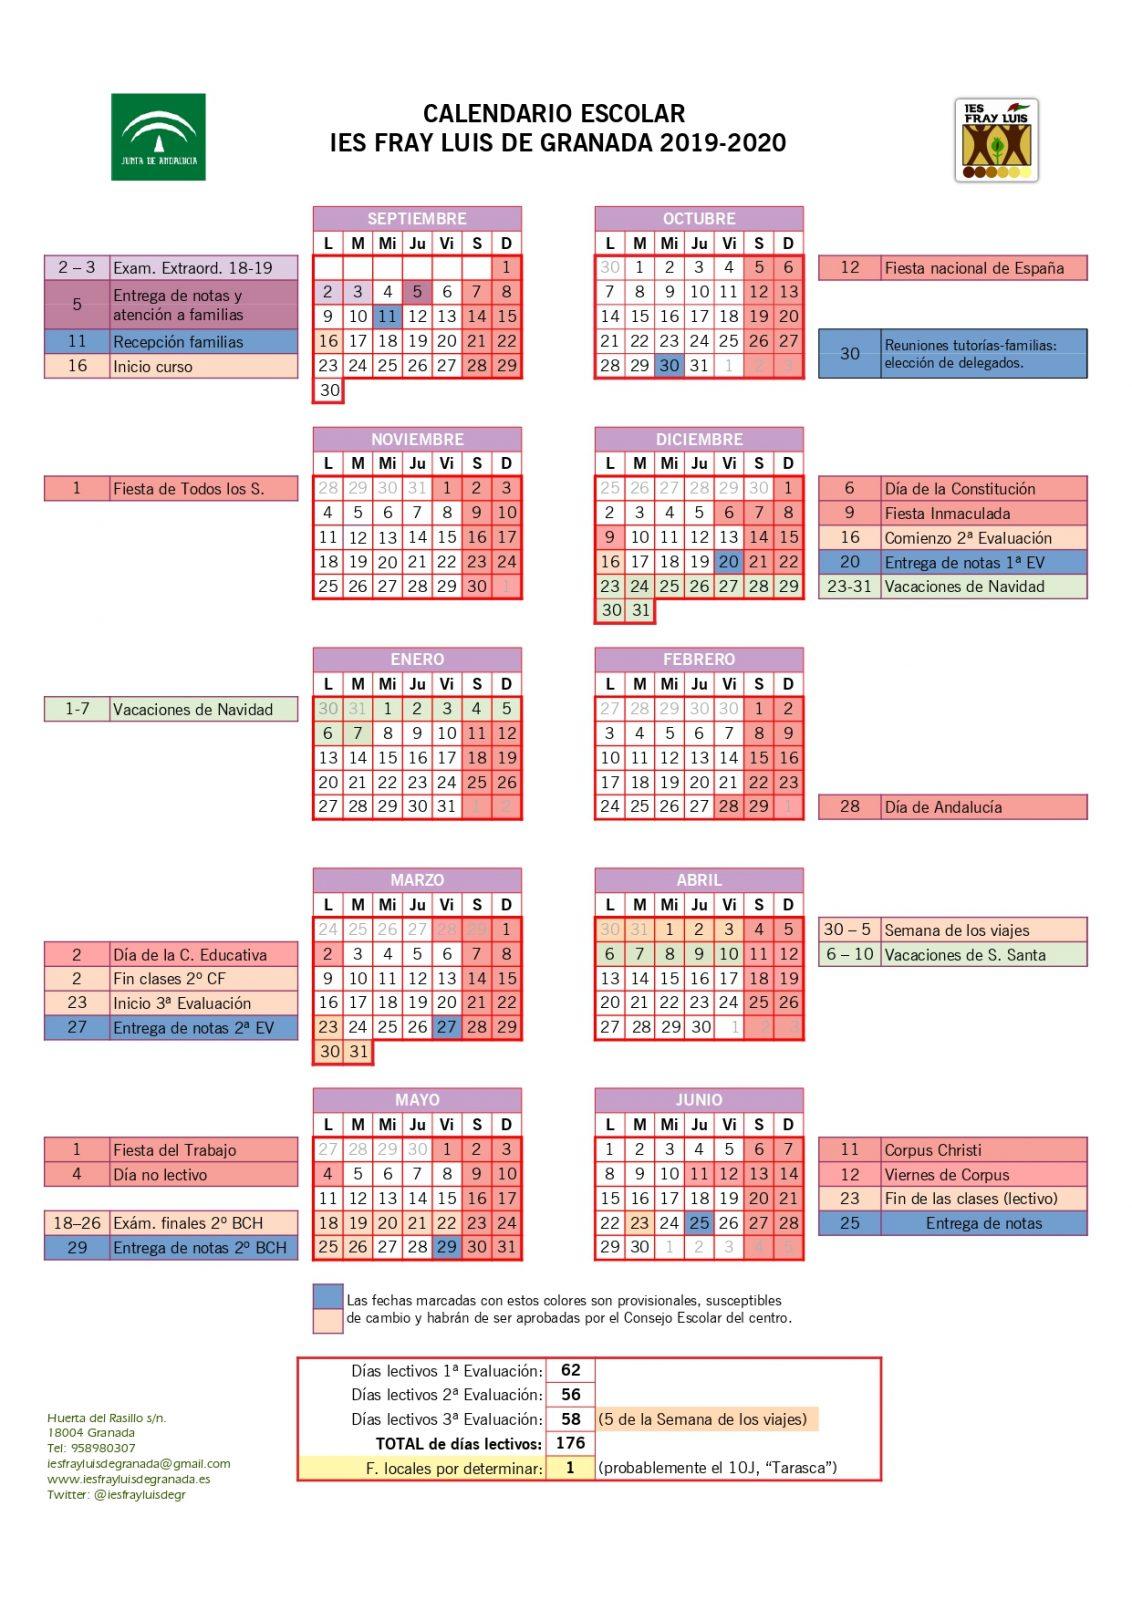 Calendario Escolar 2020 Andalucia.Calendario Escolar Ies Fray Luis De Granada